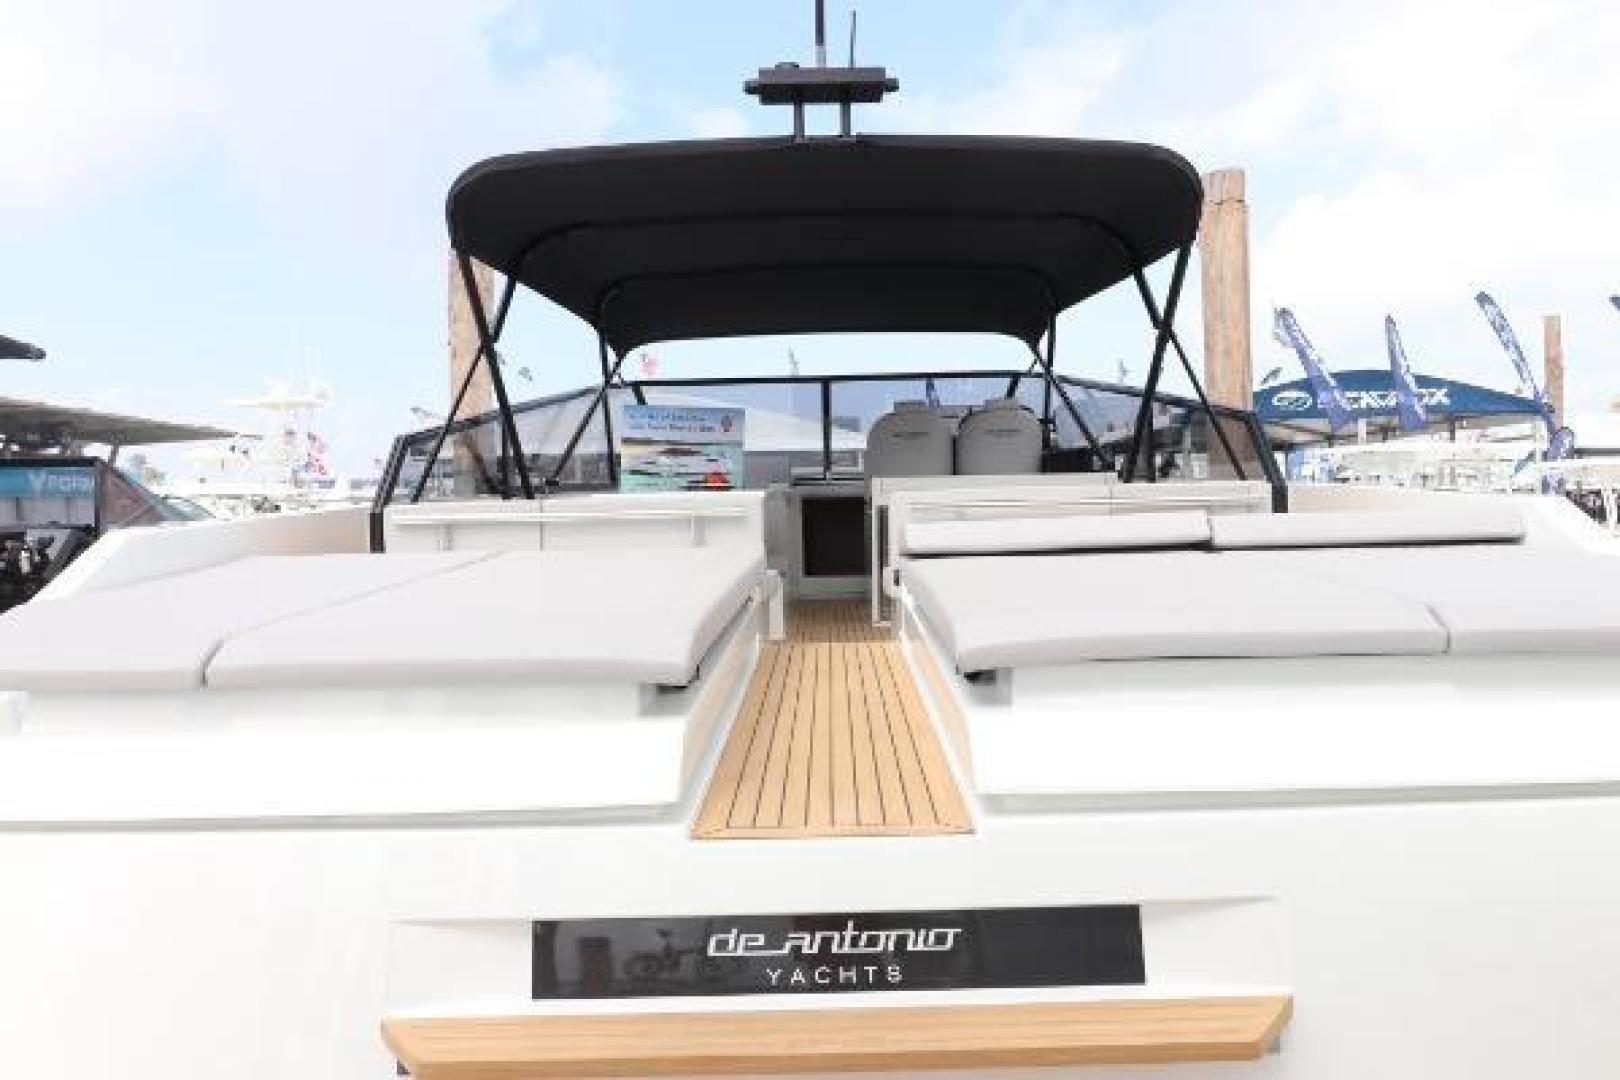 De Antonio-D46 Open 2020-De Antonio Yachts D46 Open Fort Lauderdale-Florida-United States-1523098 | Thumbnail